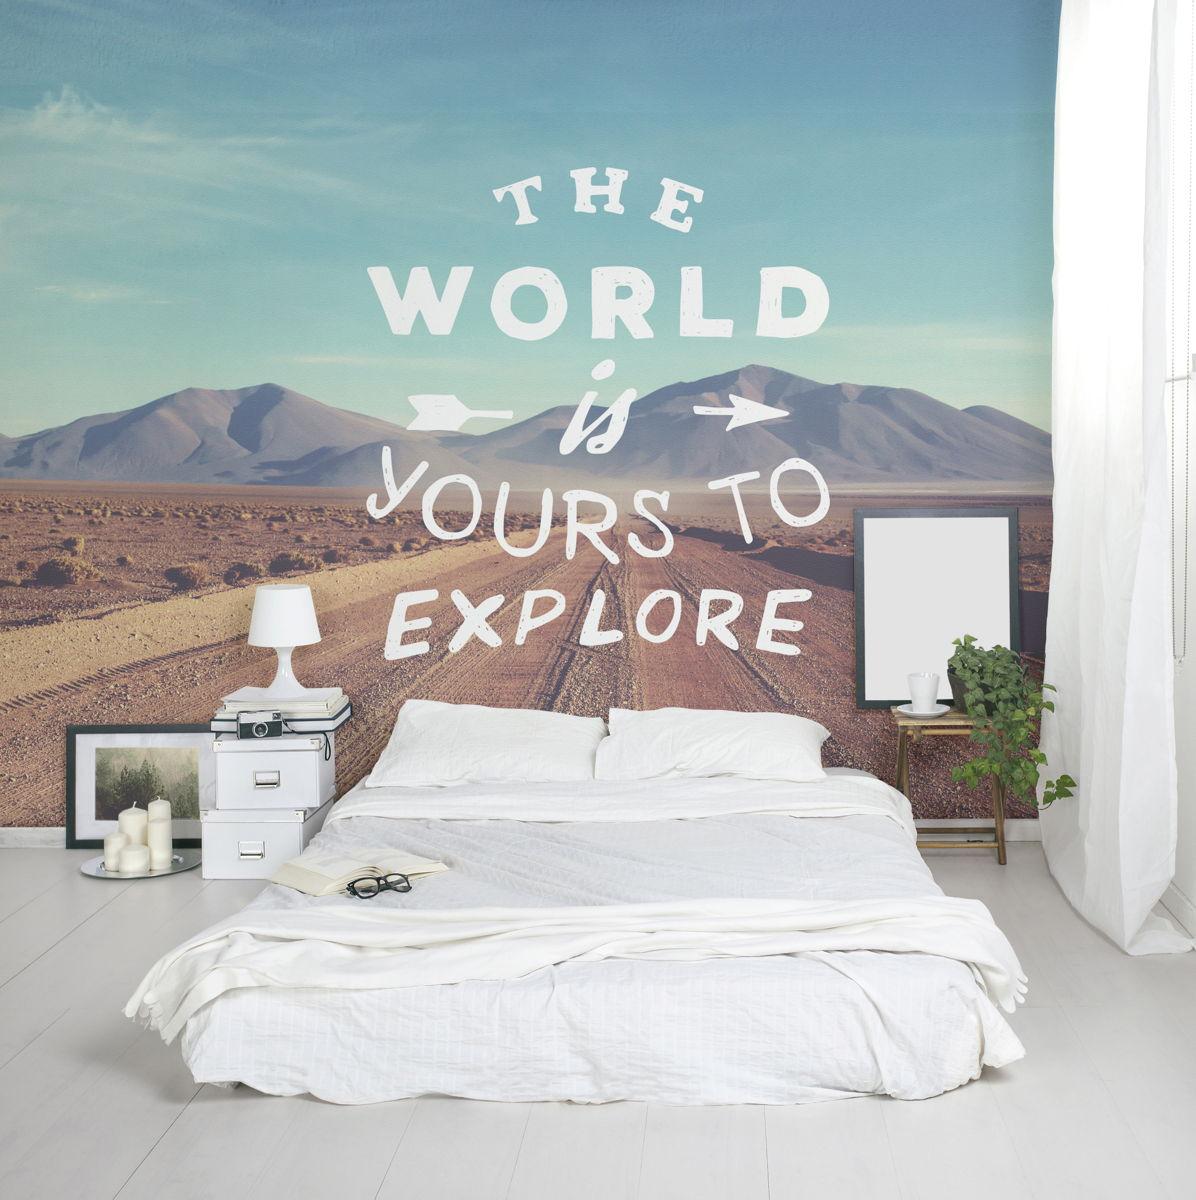 MuralsWallpaper, quando una parete diventa una finestra sul mondo   Collater.al 9